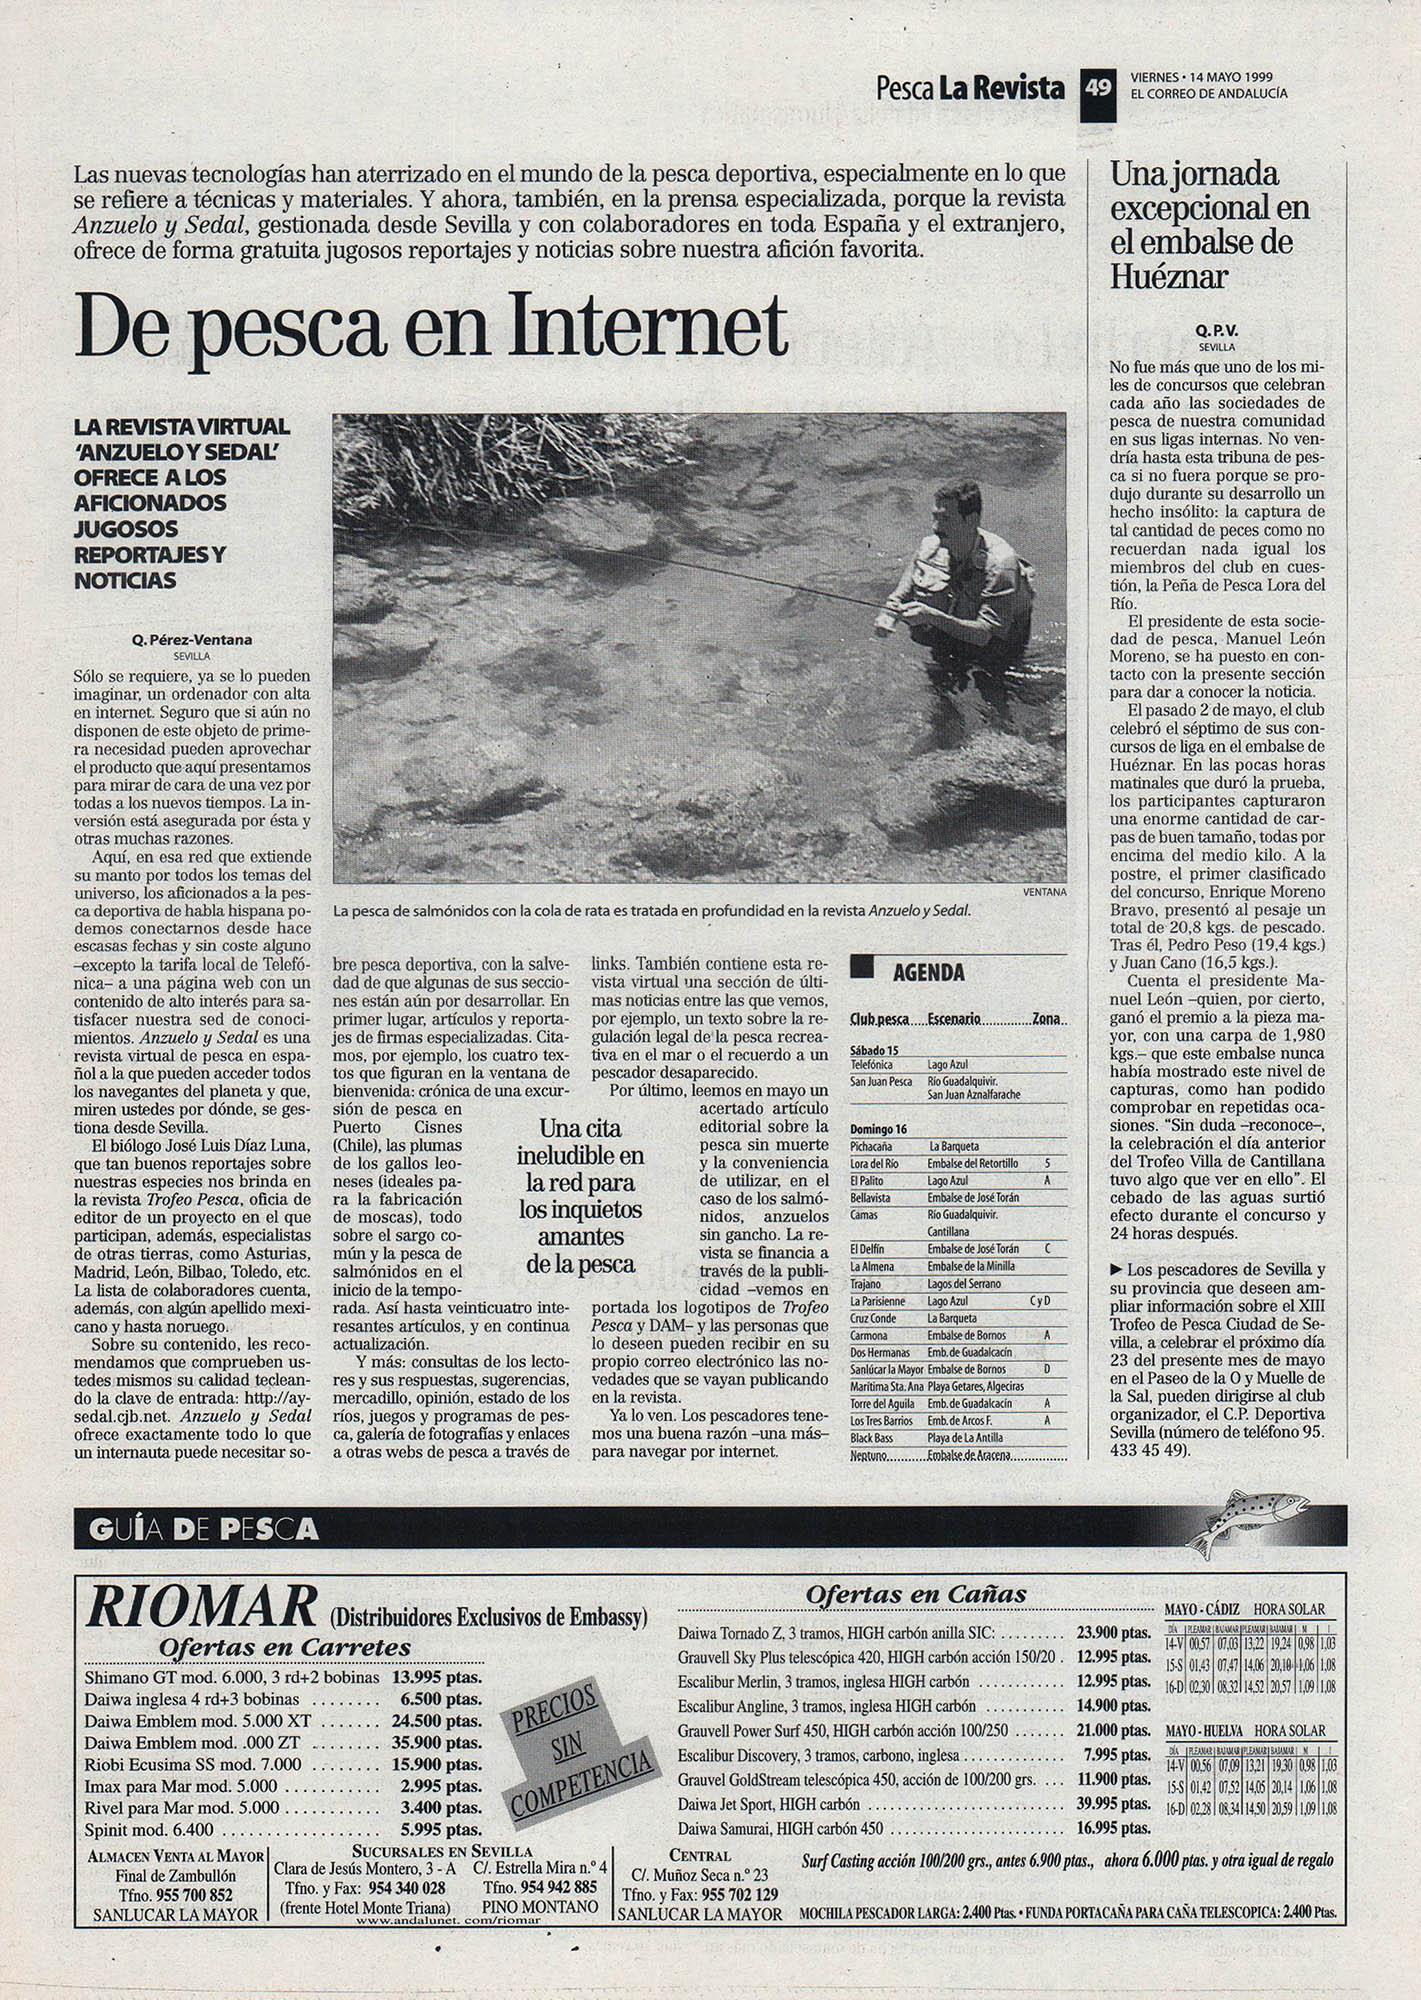 Pesca deportiva / De pesca en Internet - Revista digital Anzuelo y sedal | El Correo de Andalucía | 15 may 1999